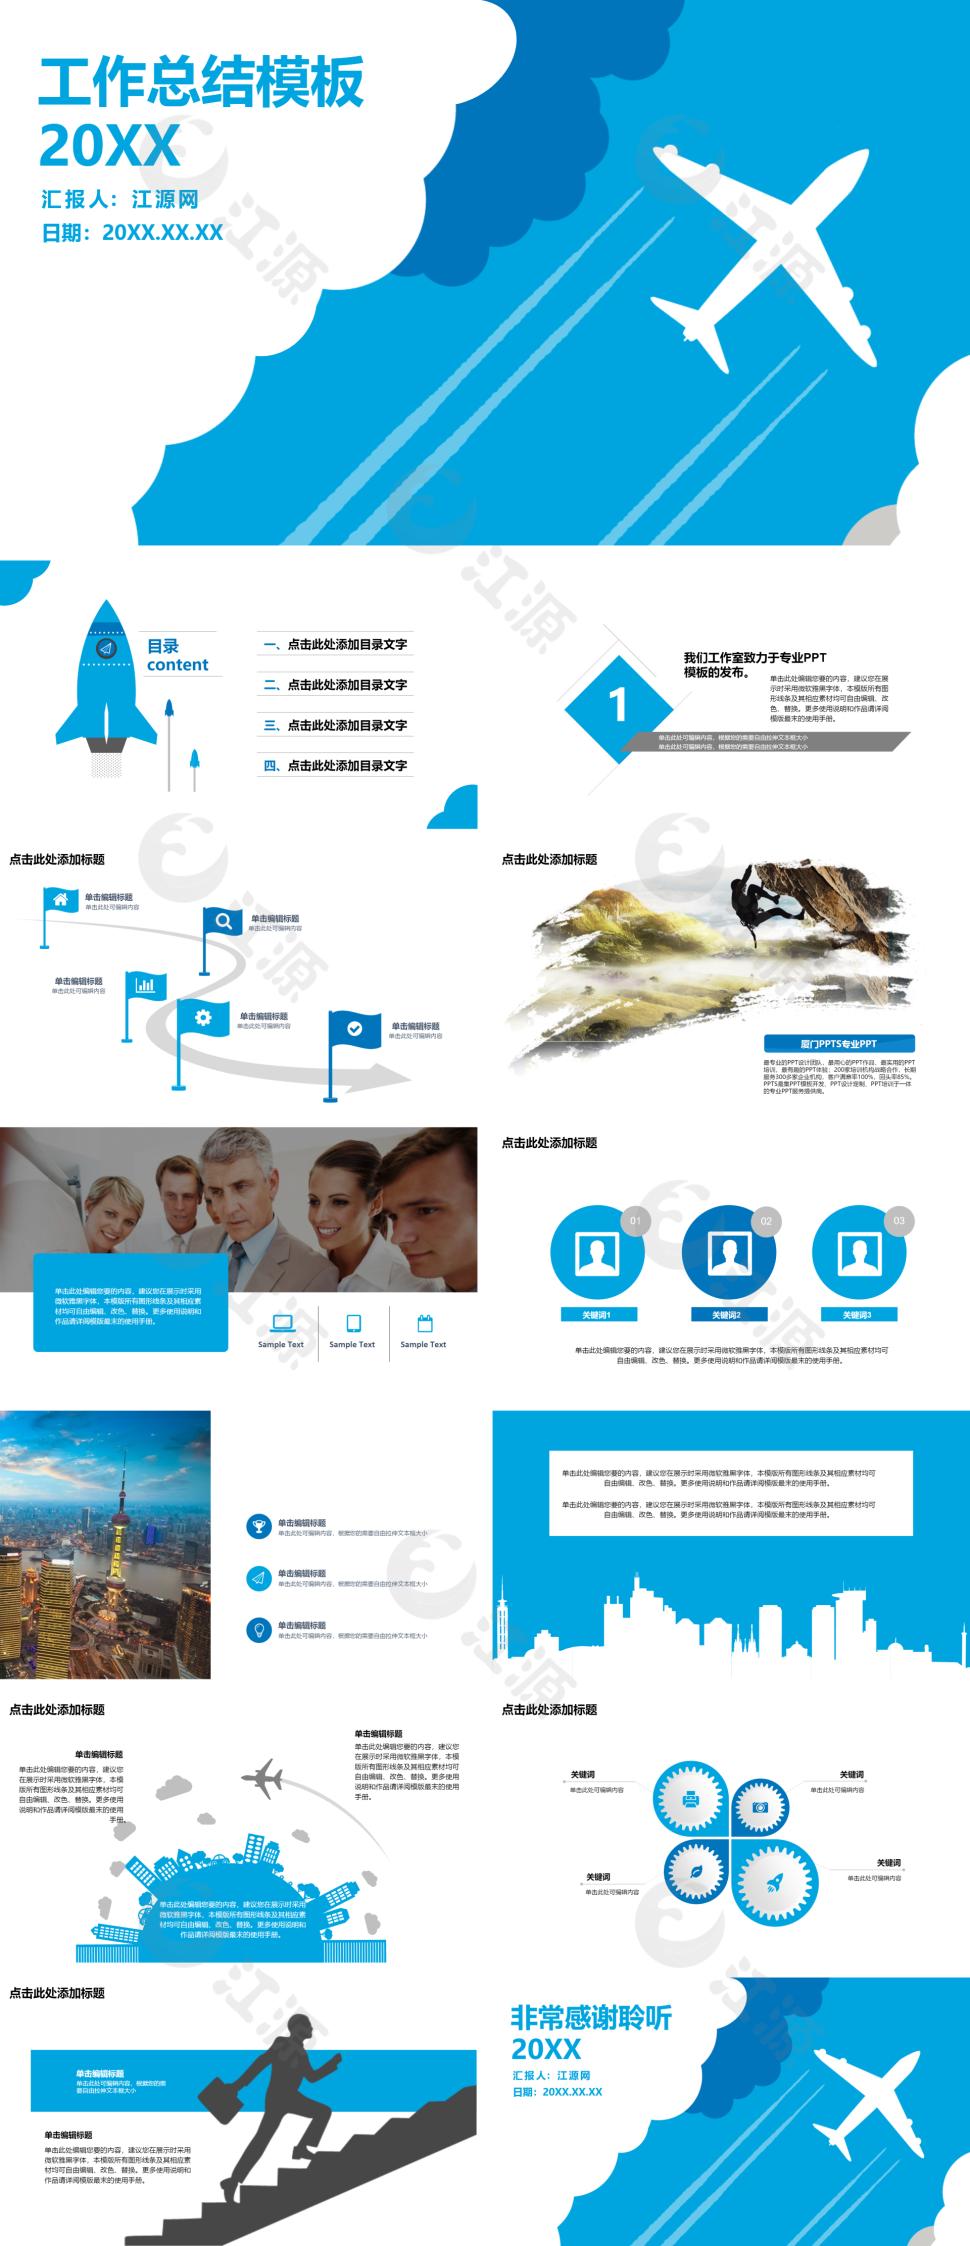 蓝色扁平化商务总结PPT模板